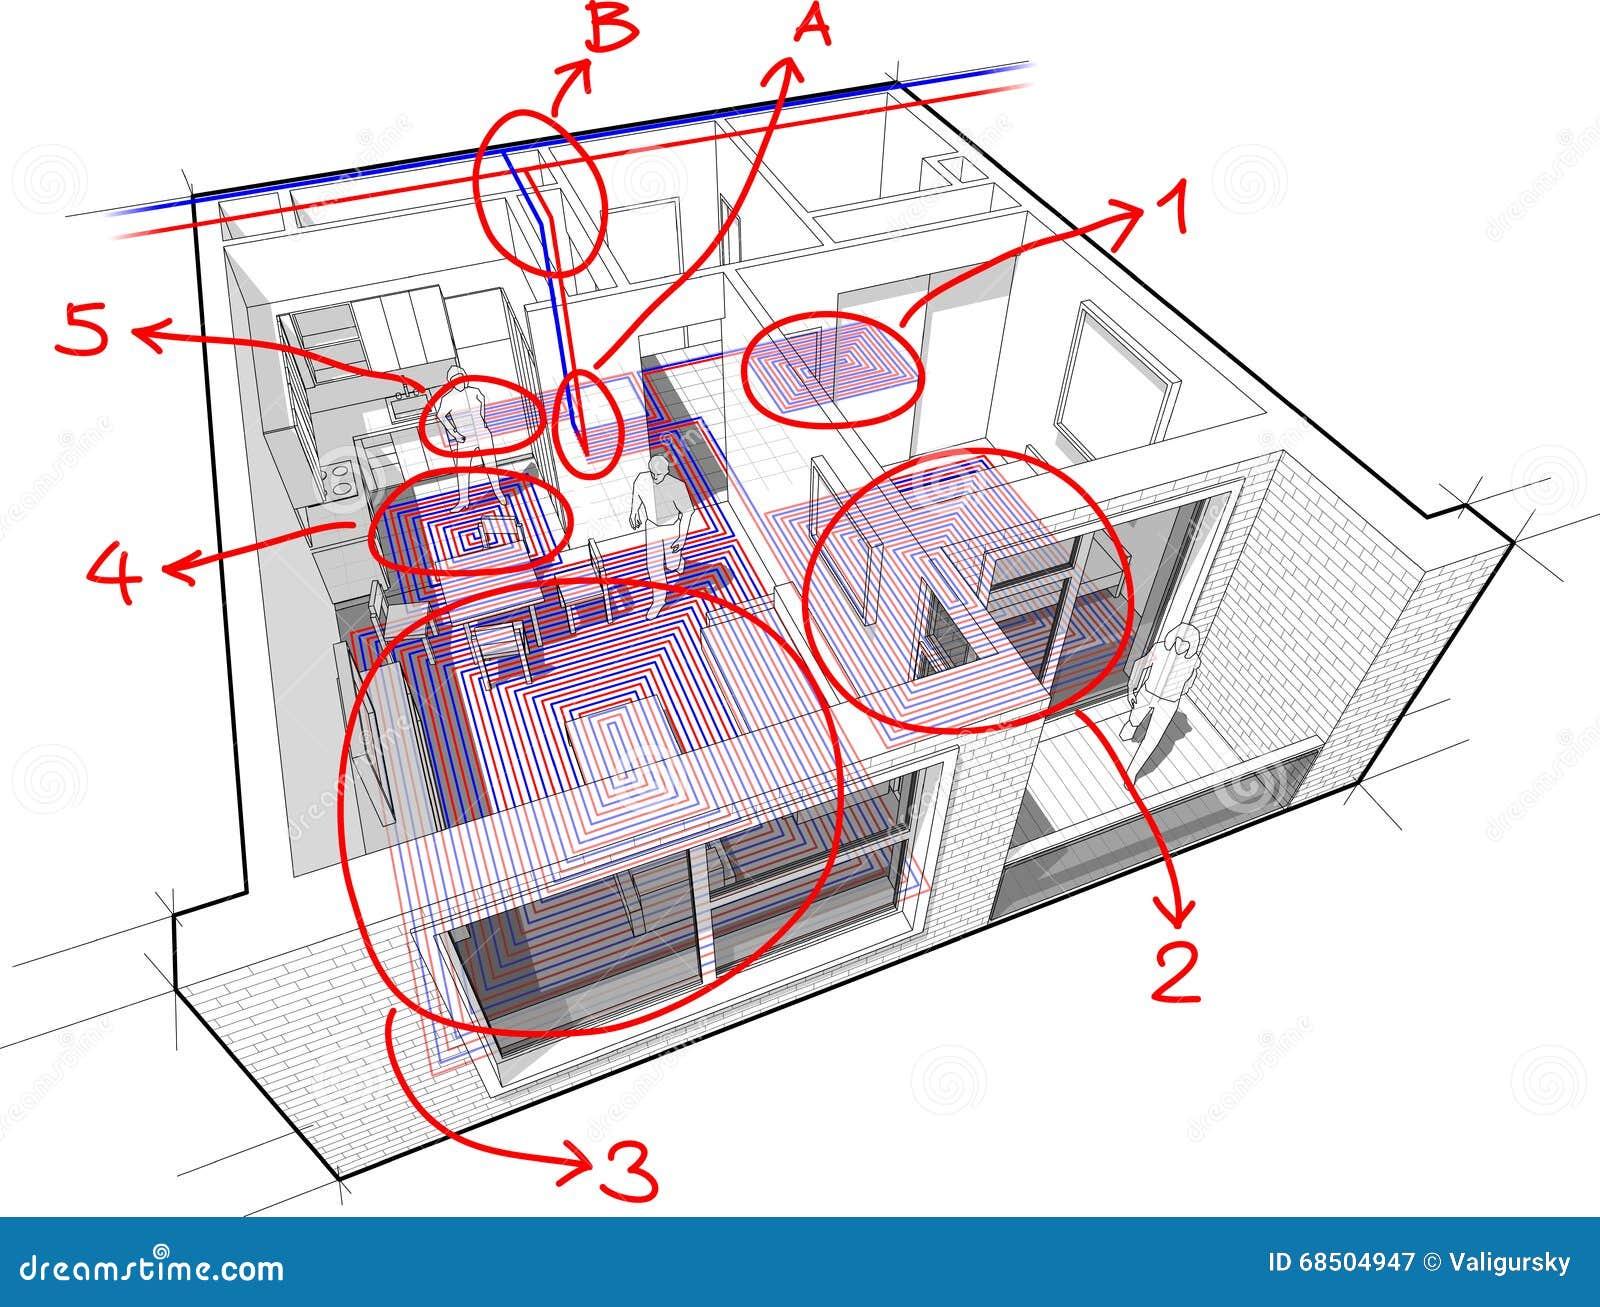 Diagrama del apartamento con la calefacci n por el suelo y - Calefaccion por el suelo ...